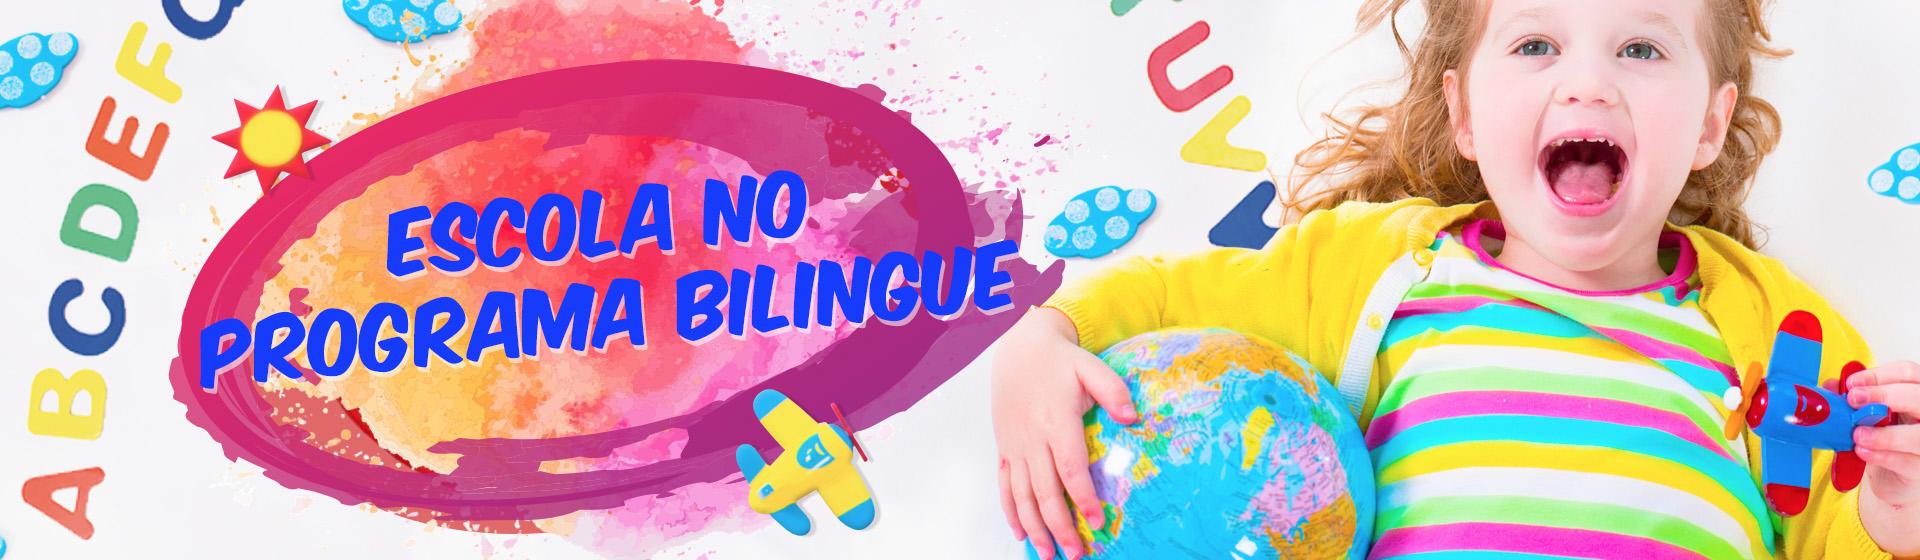 banner02_bilingue_3a6266359d55f75f7f0d274b3a51627c